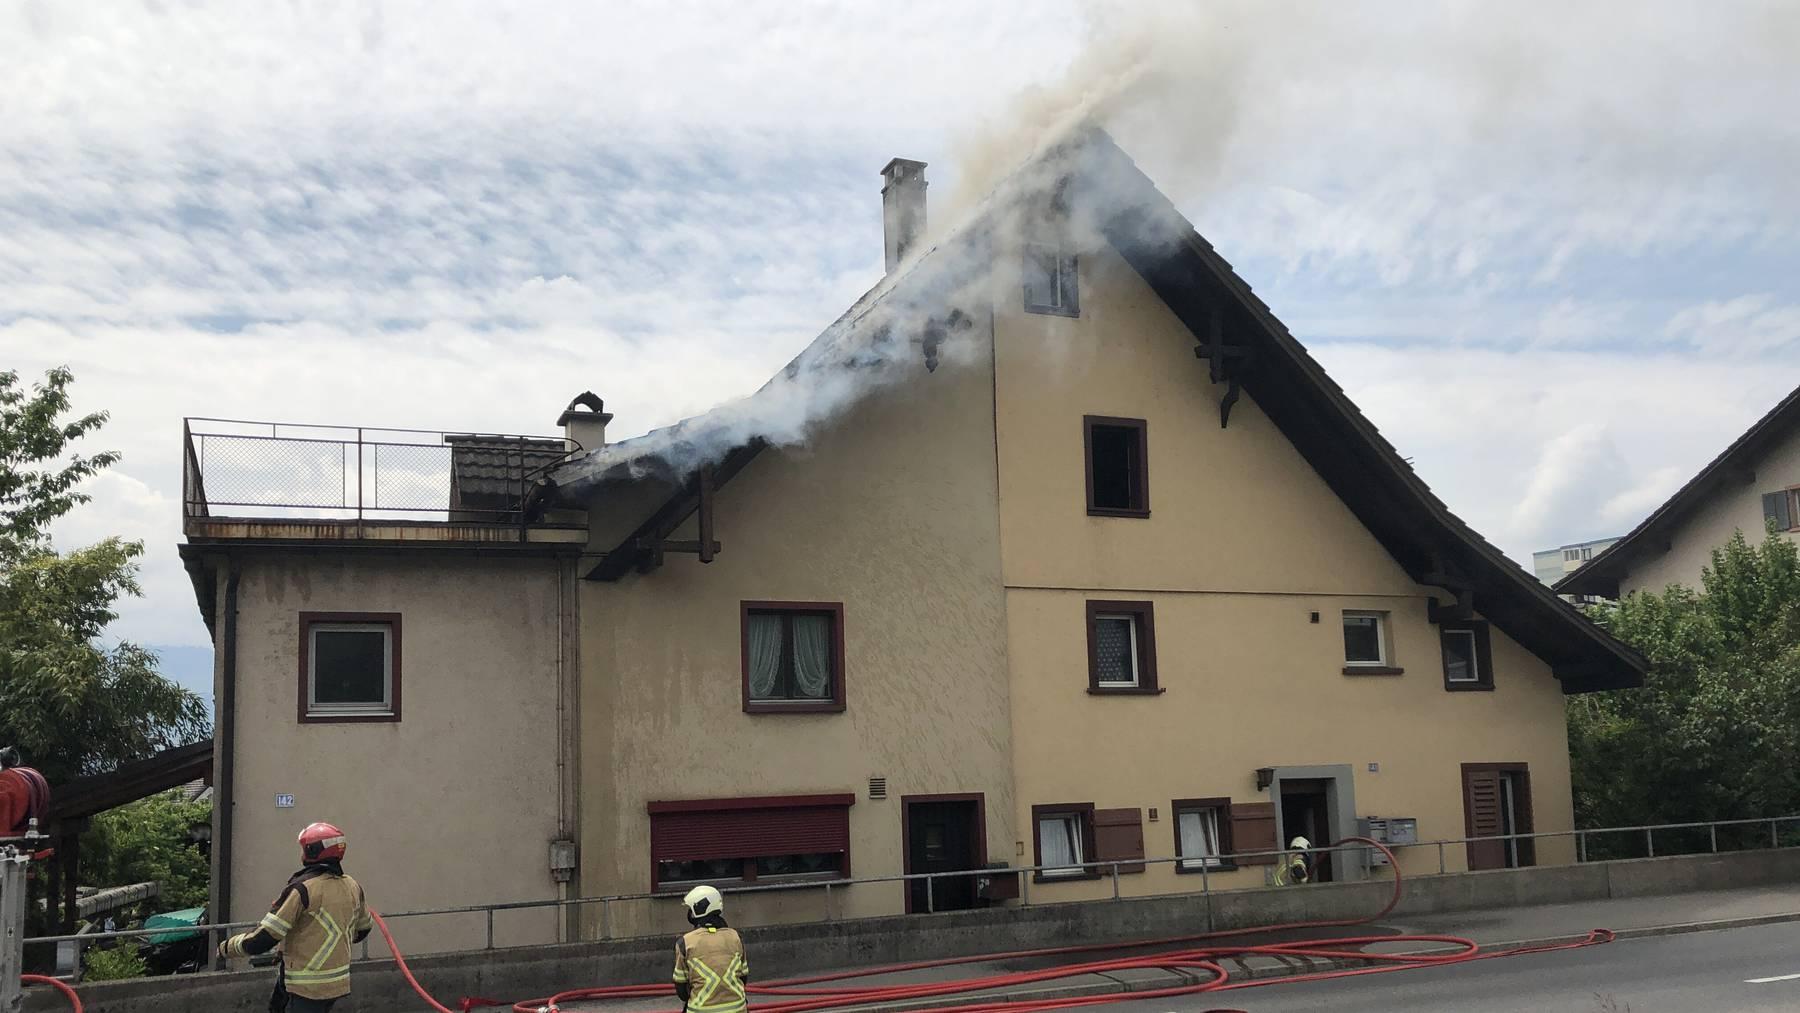 Hausbrand in Rapperswil-Jona